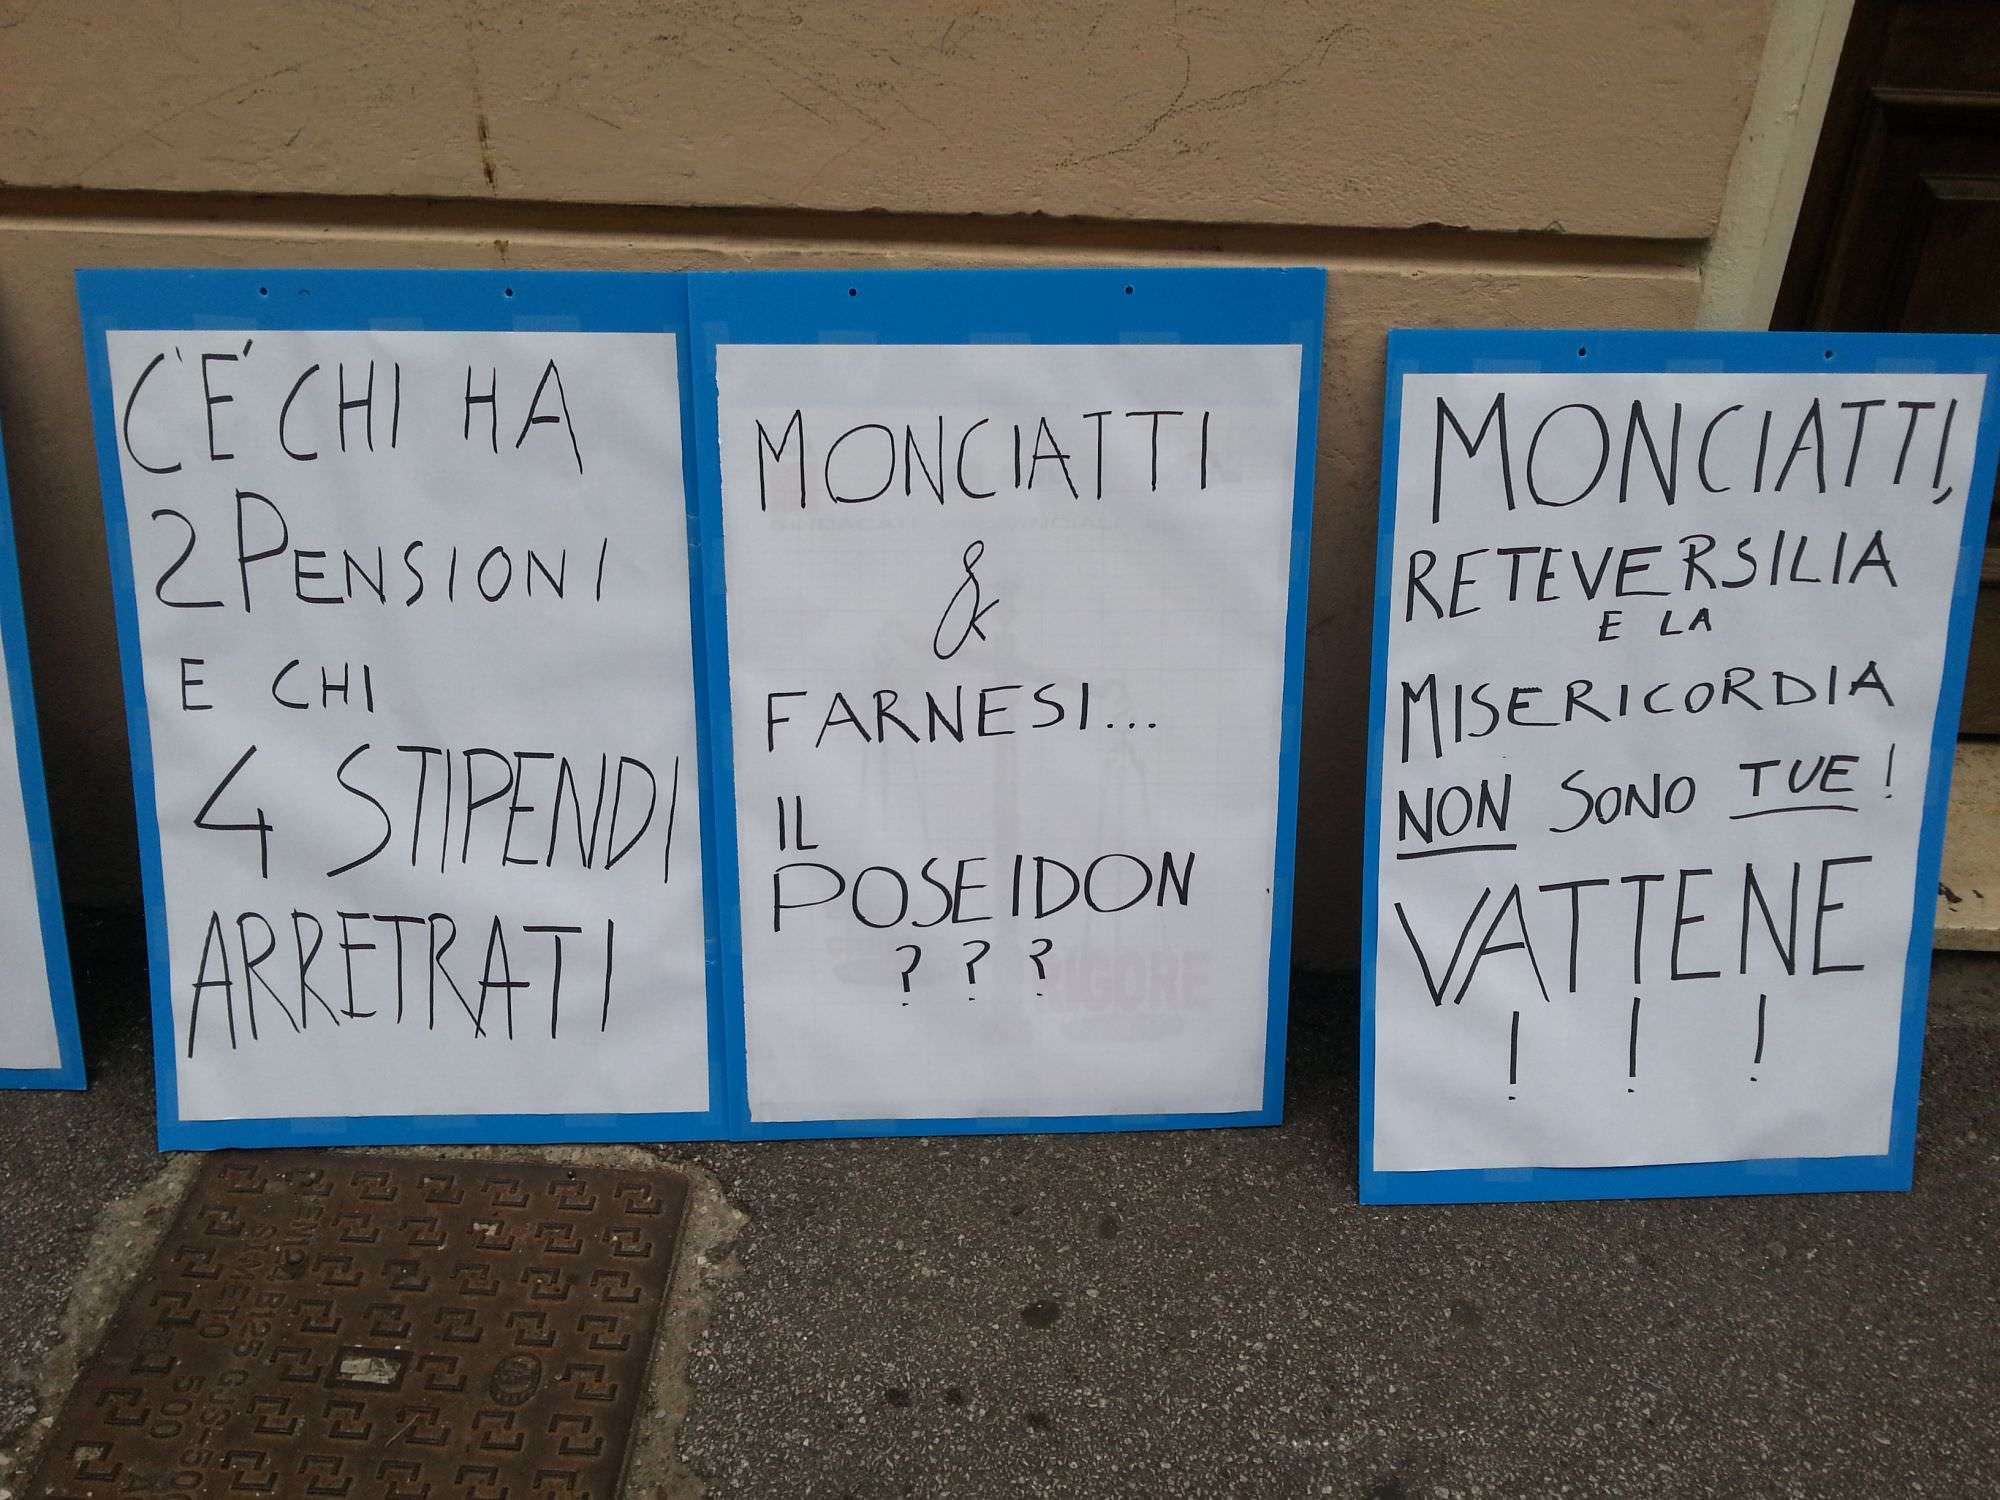 ReteVersilia, la crisi non conosce sosta: arrivano altri due licenziamenti volontari